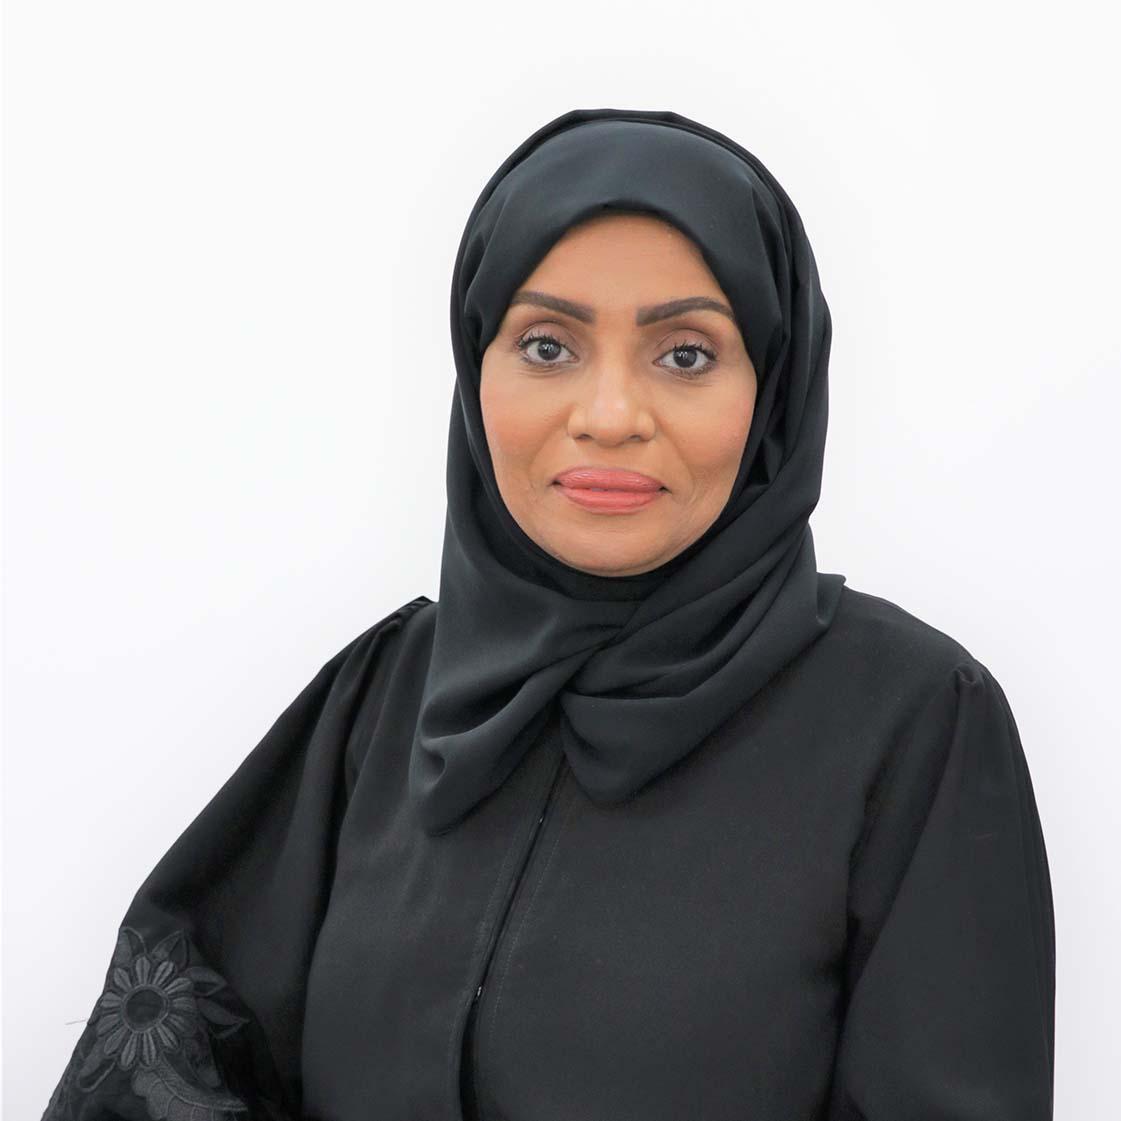 Dr. Samya Al Shanfari